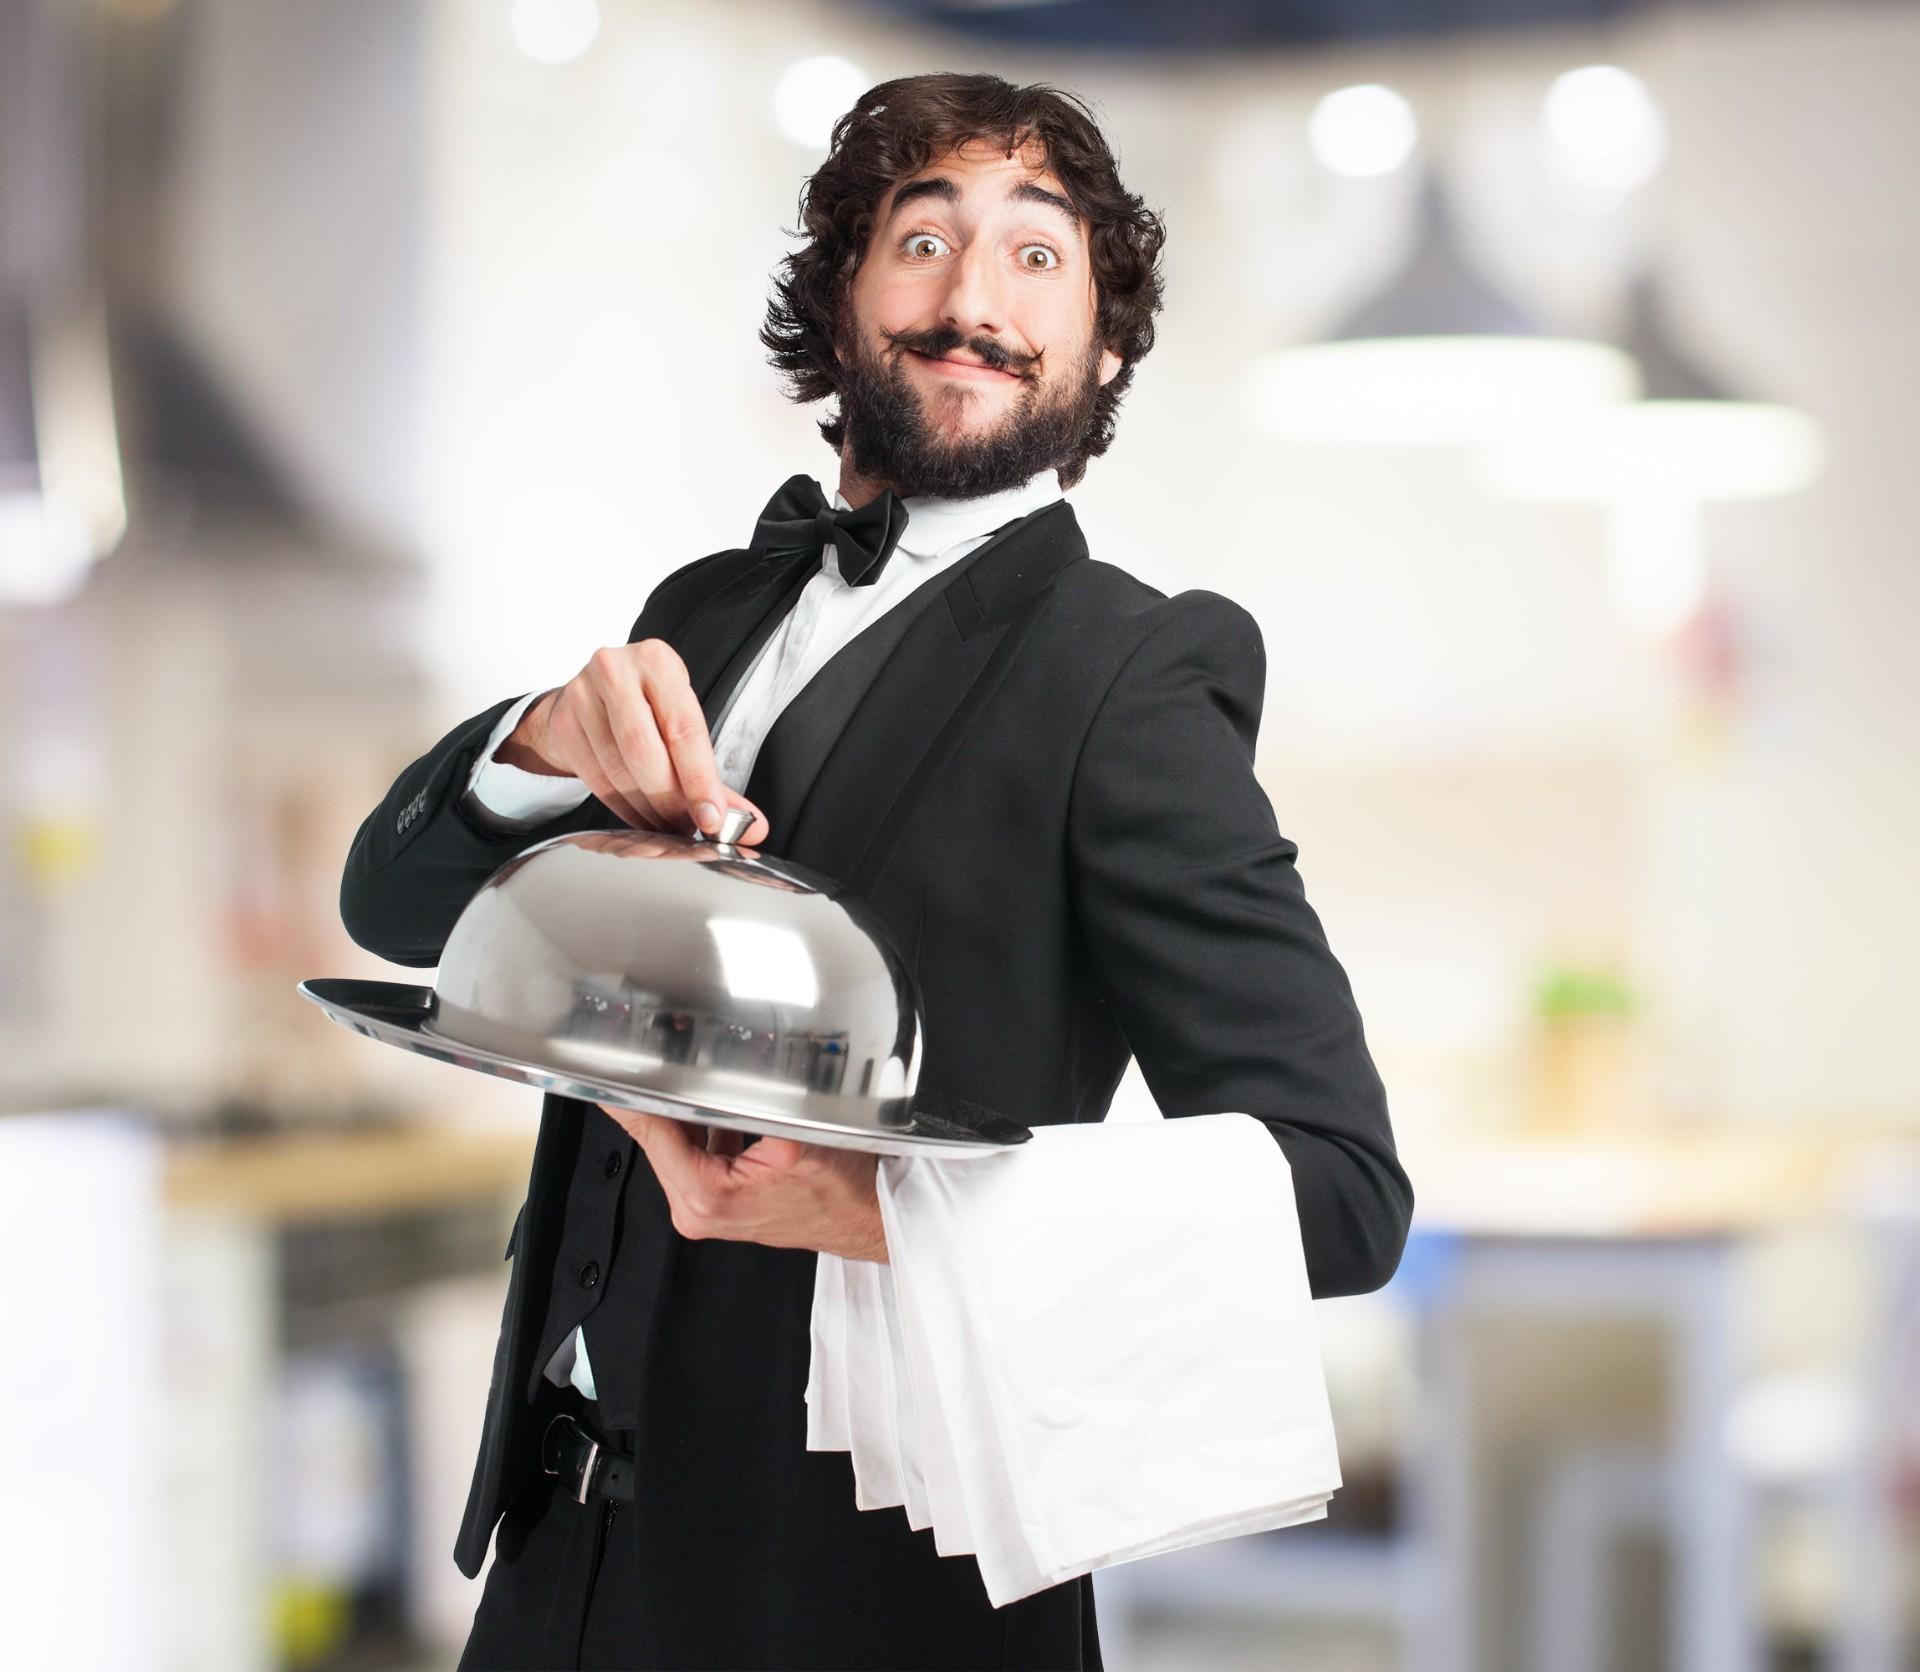 male waiter prepare to serve